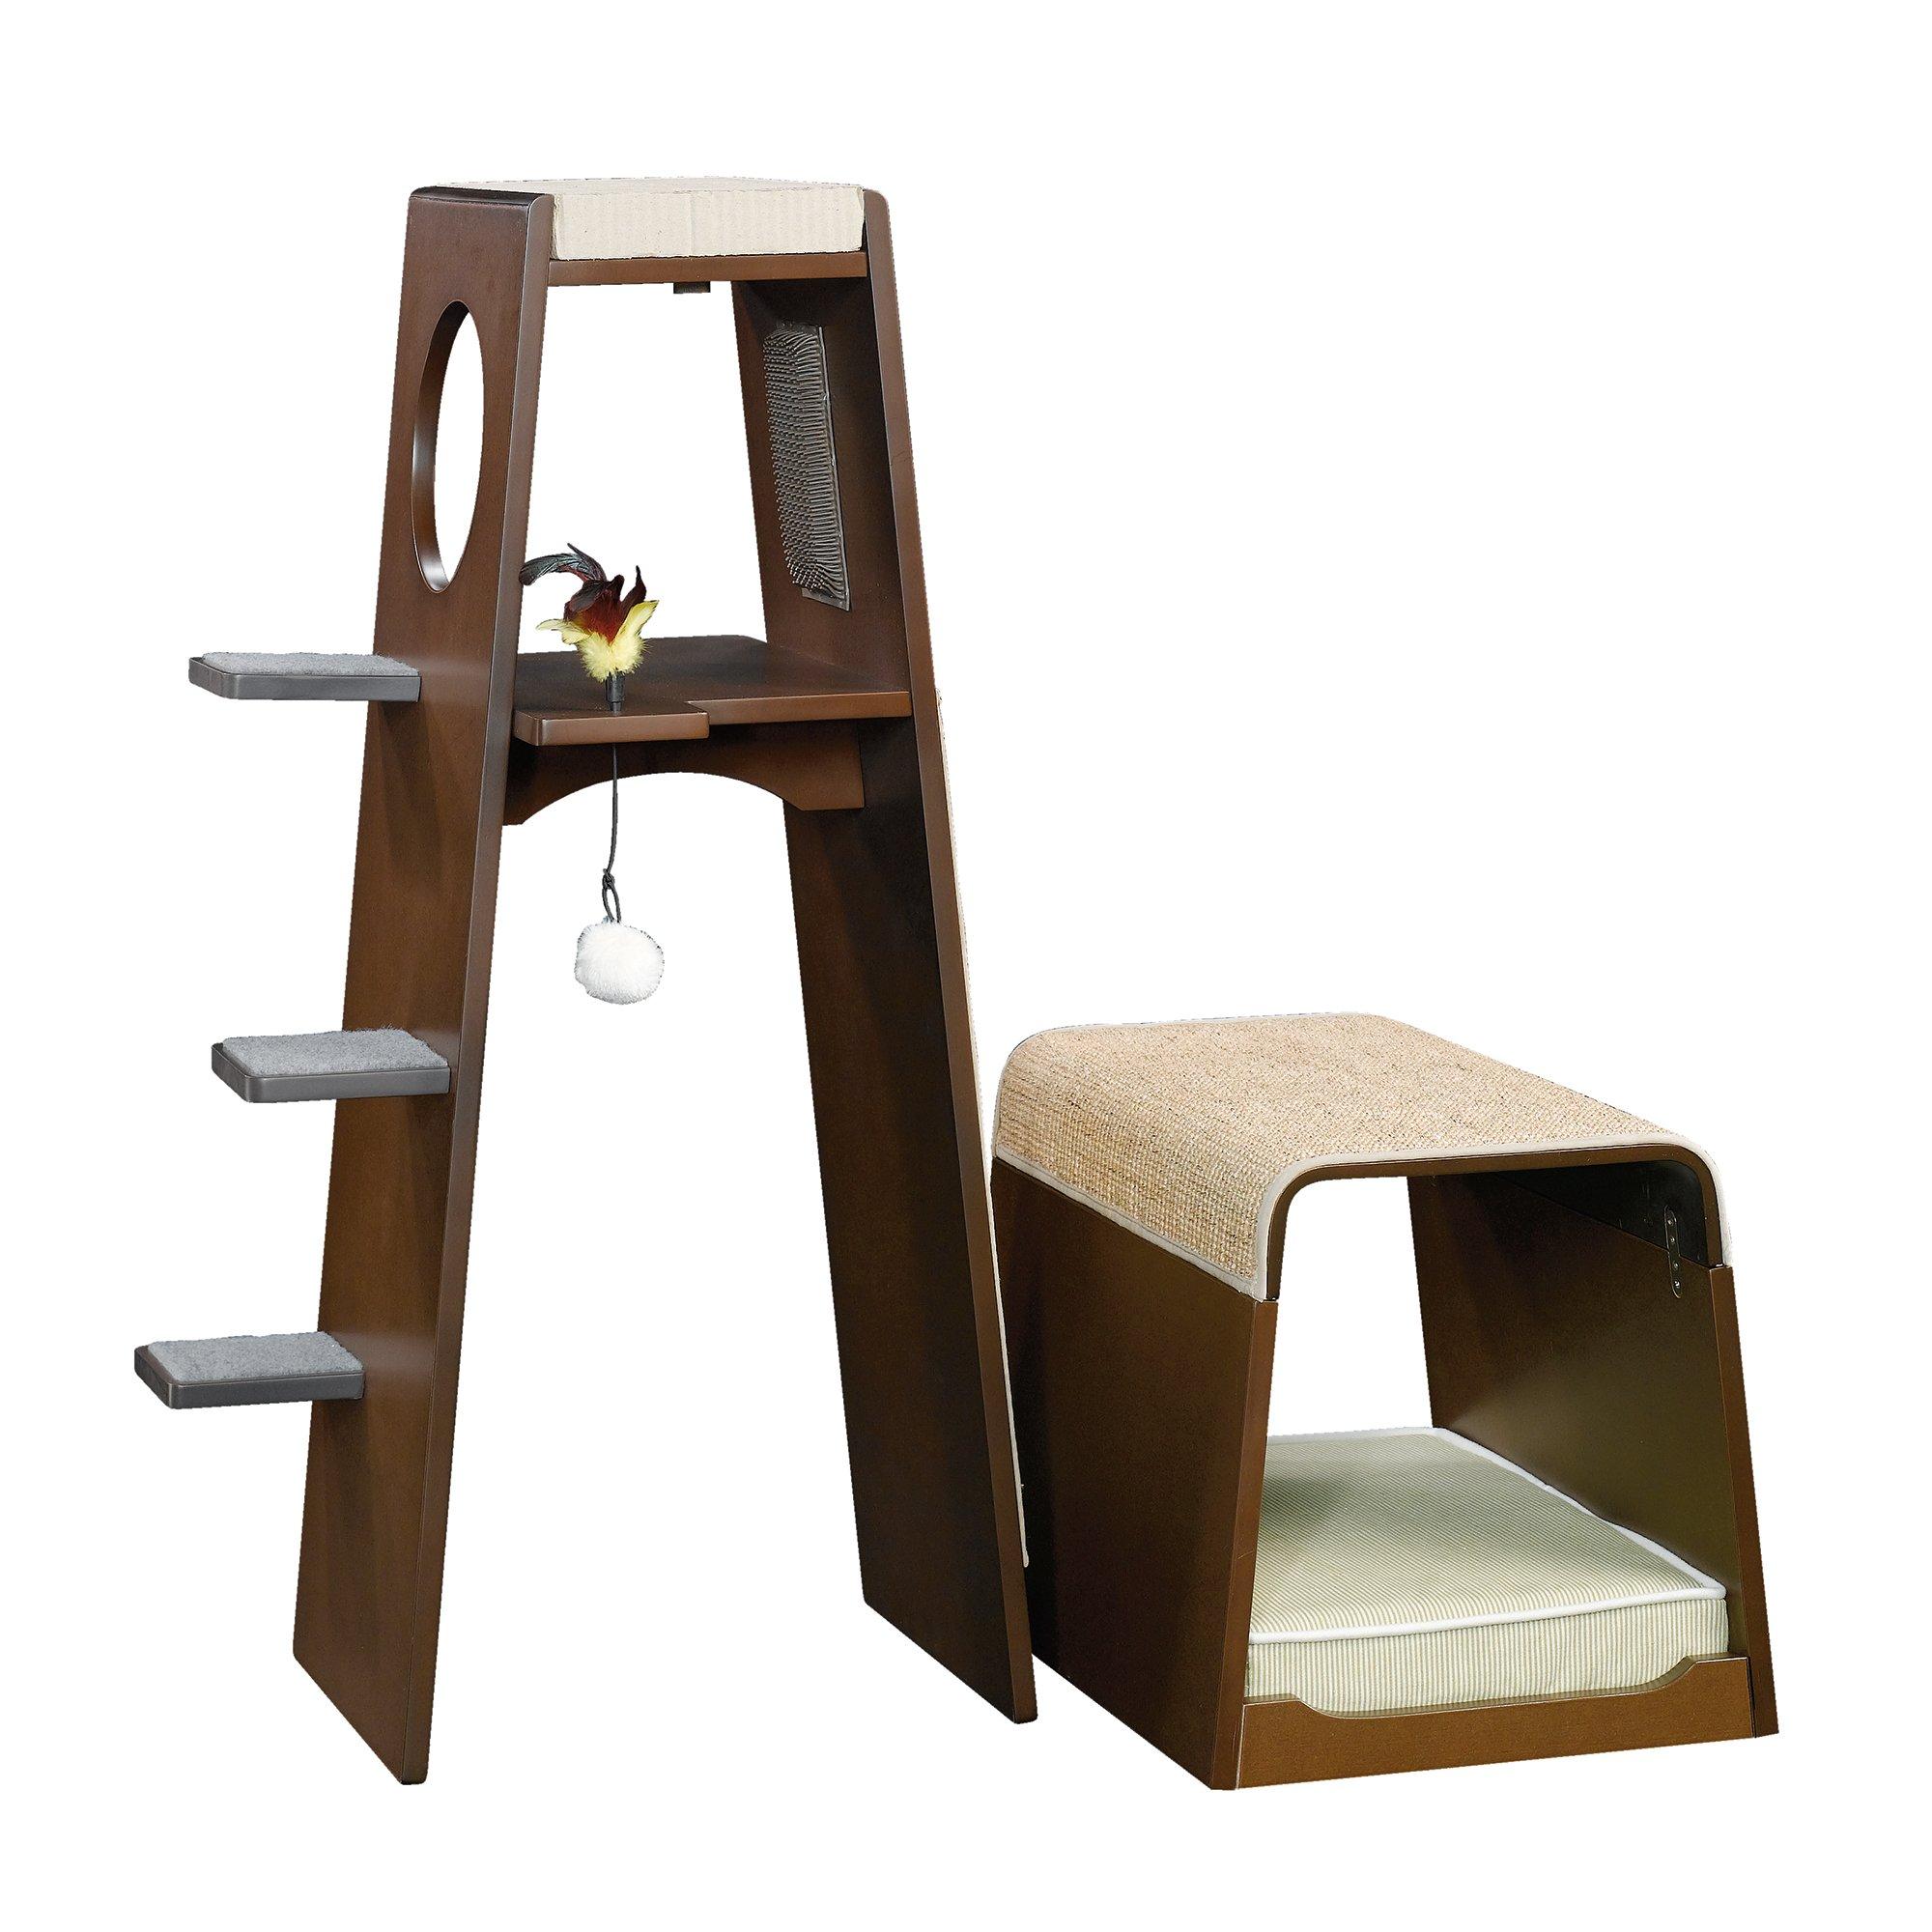 Sauder Modular Modern Cat Tower